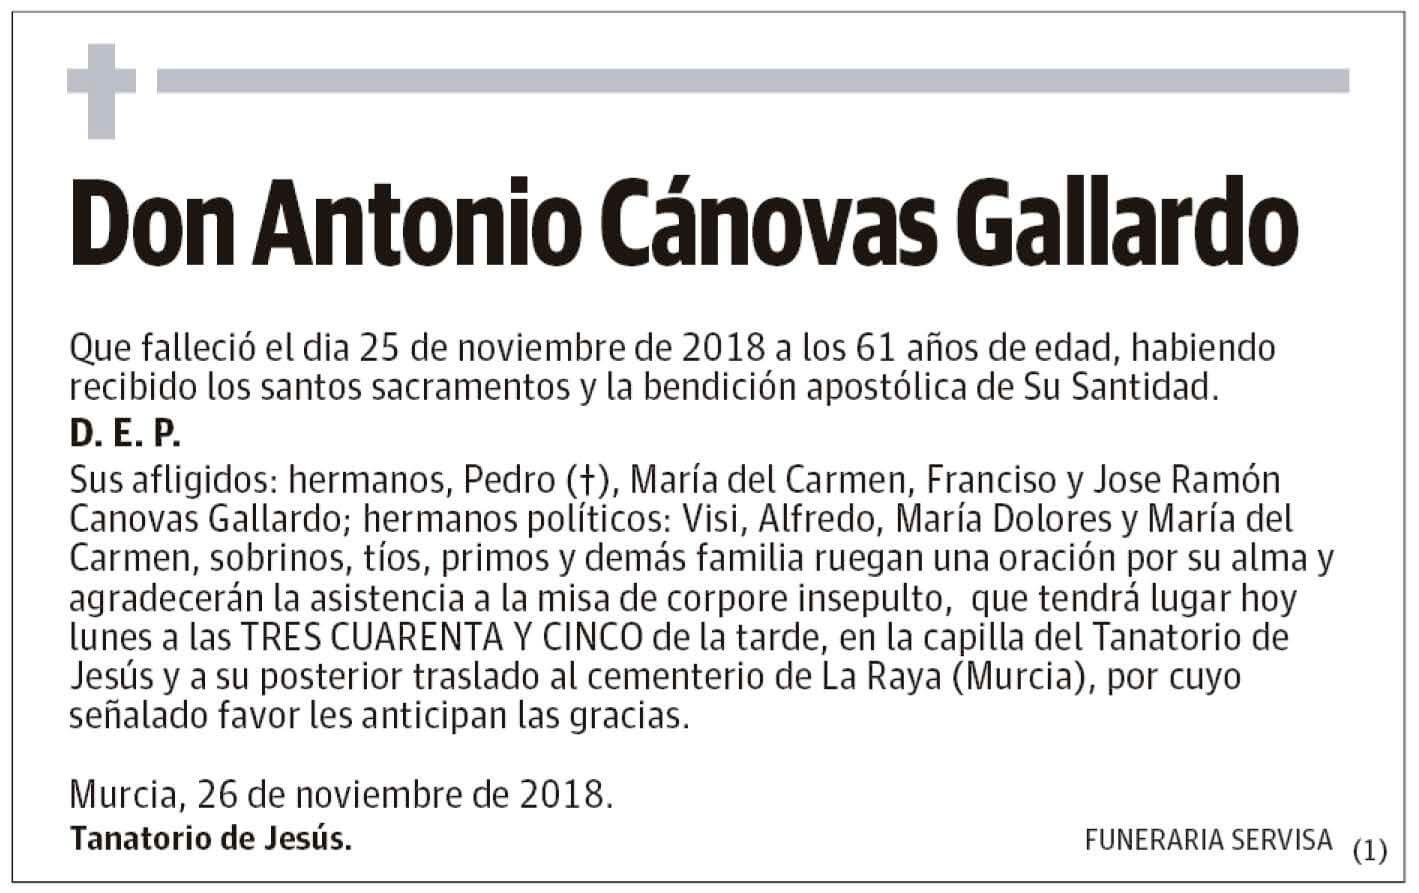 Antonio Cánovas Gallardo